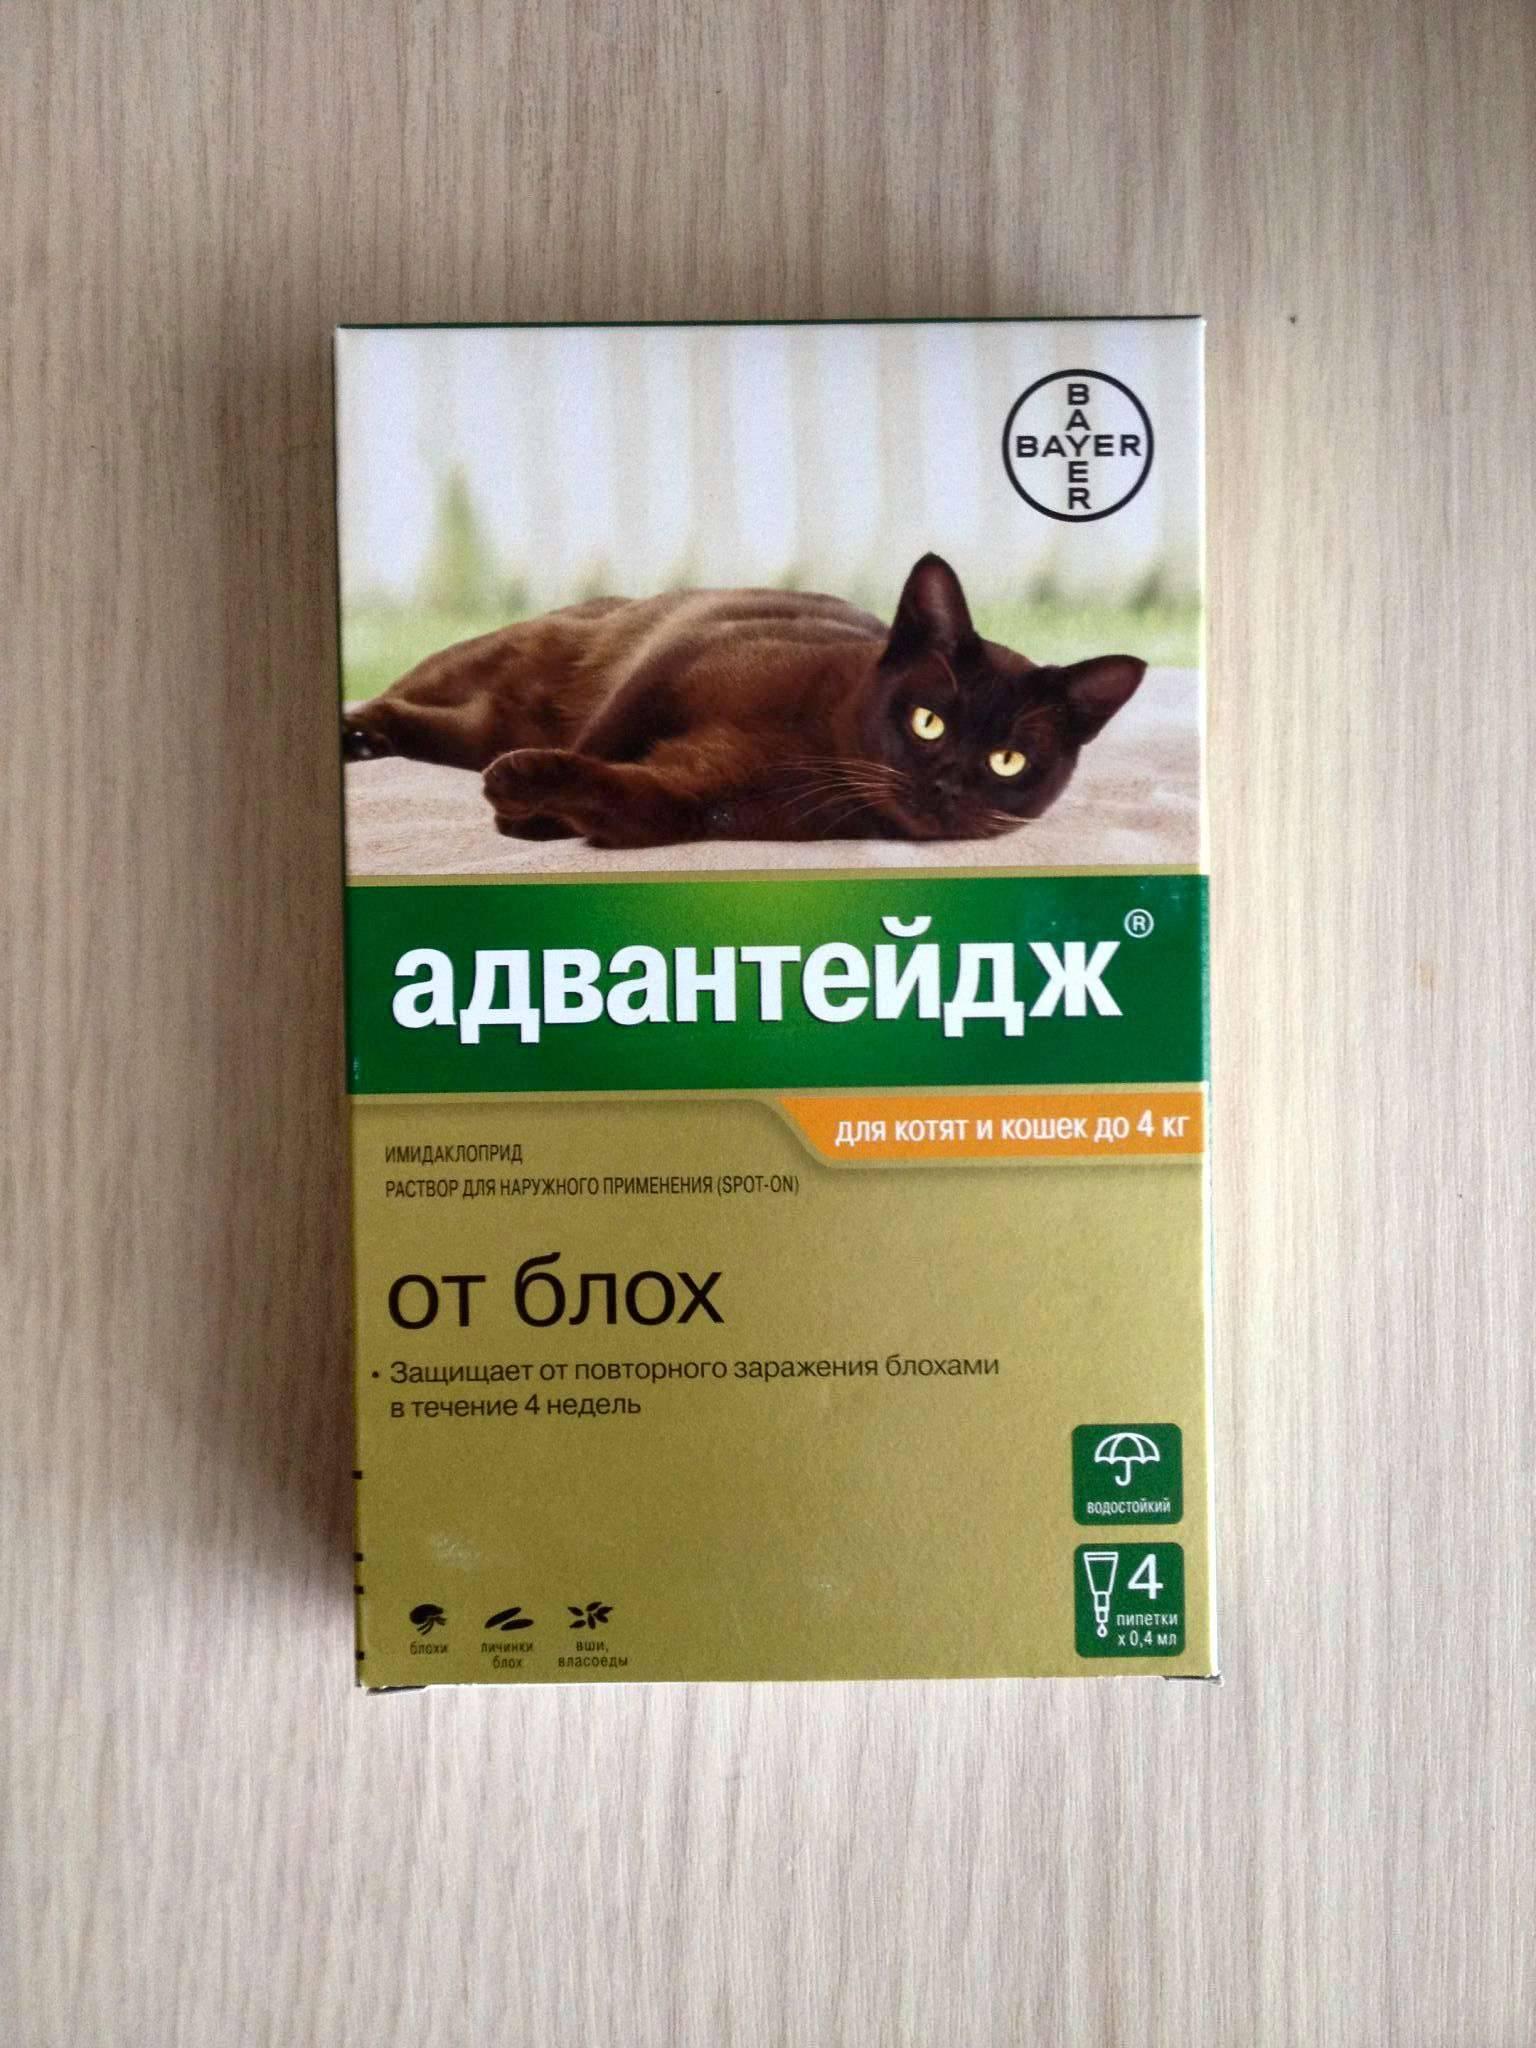 Адвантейдж / advantage (капли) для кошек | отзывы о применении препаратов для животных от ветеринаров и заводчиков